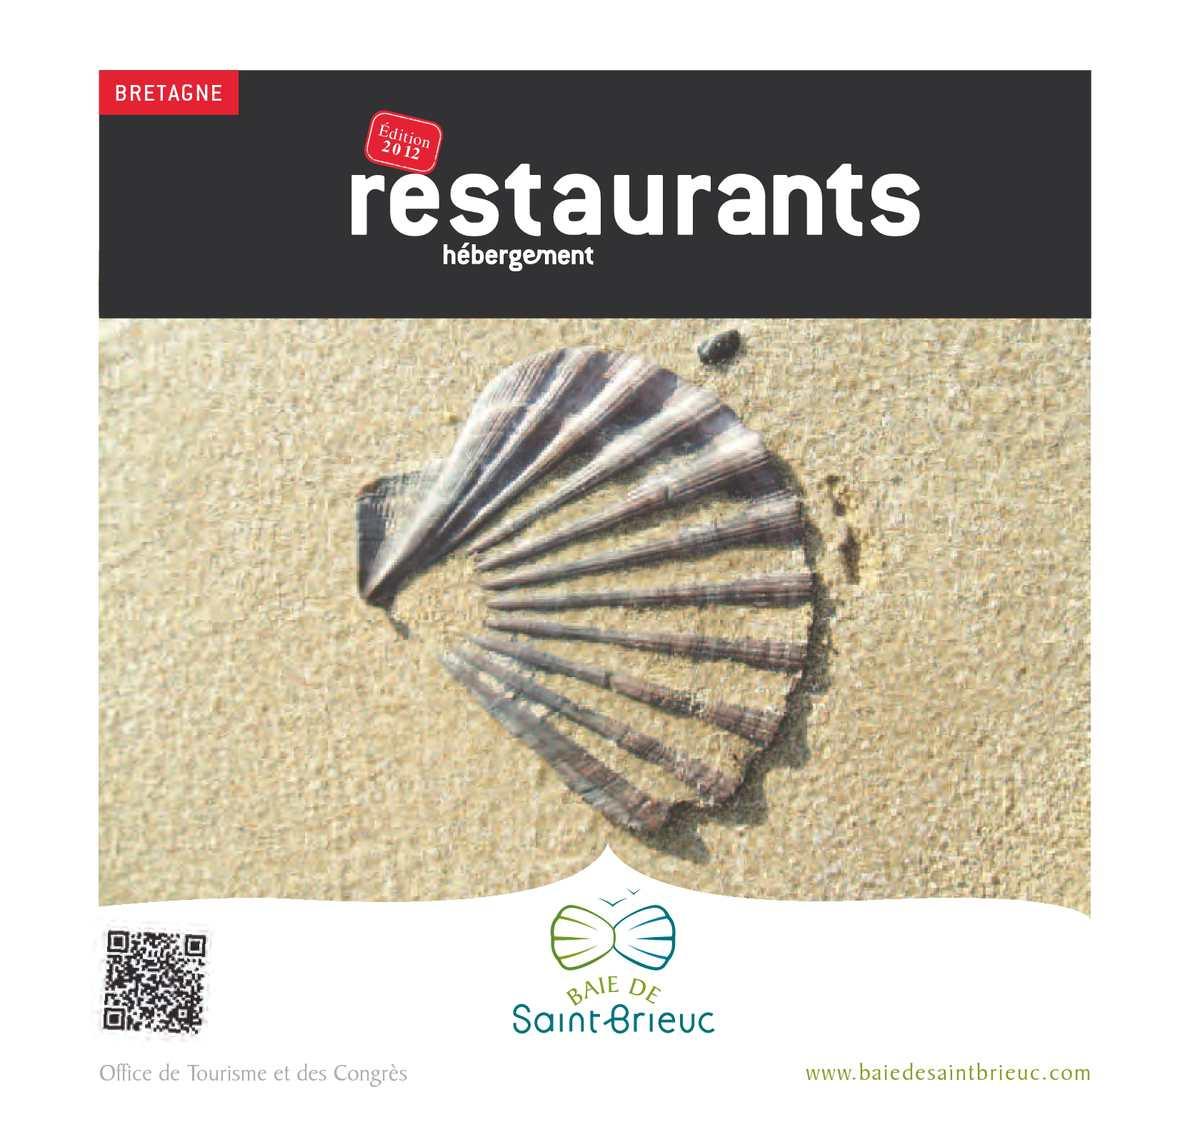 Calam o guide 2012 des restaurants en baie de saint brieuc - Office de tourisme de st brieuc ...